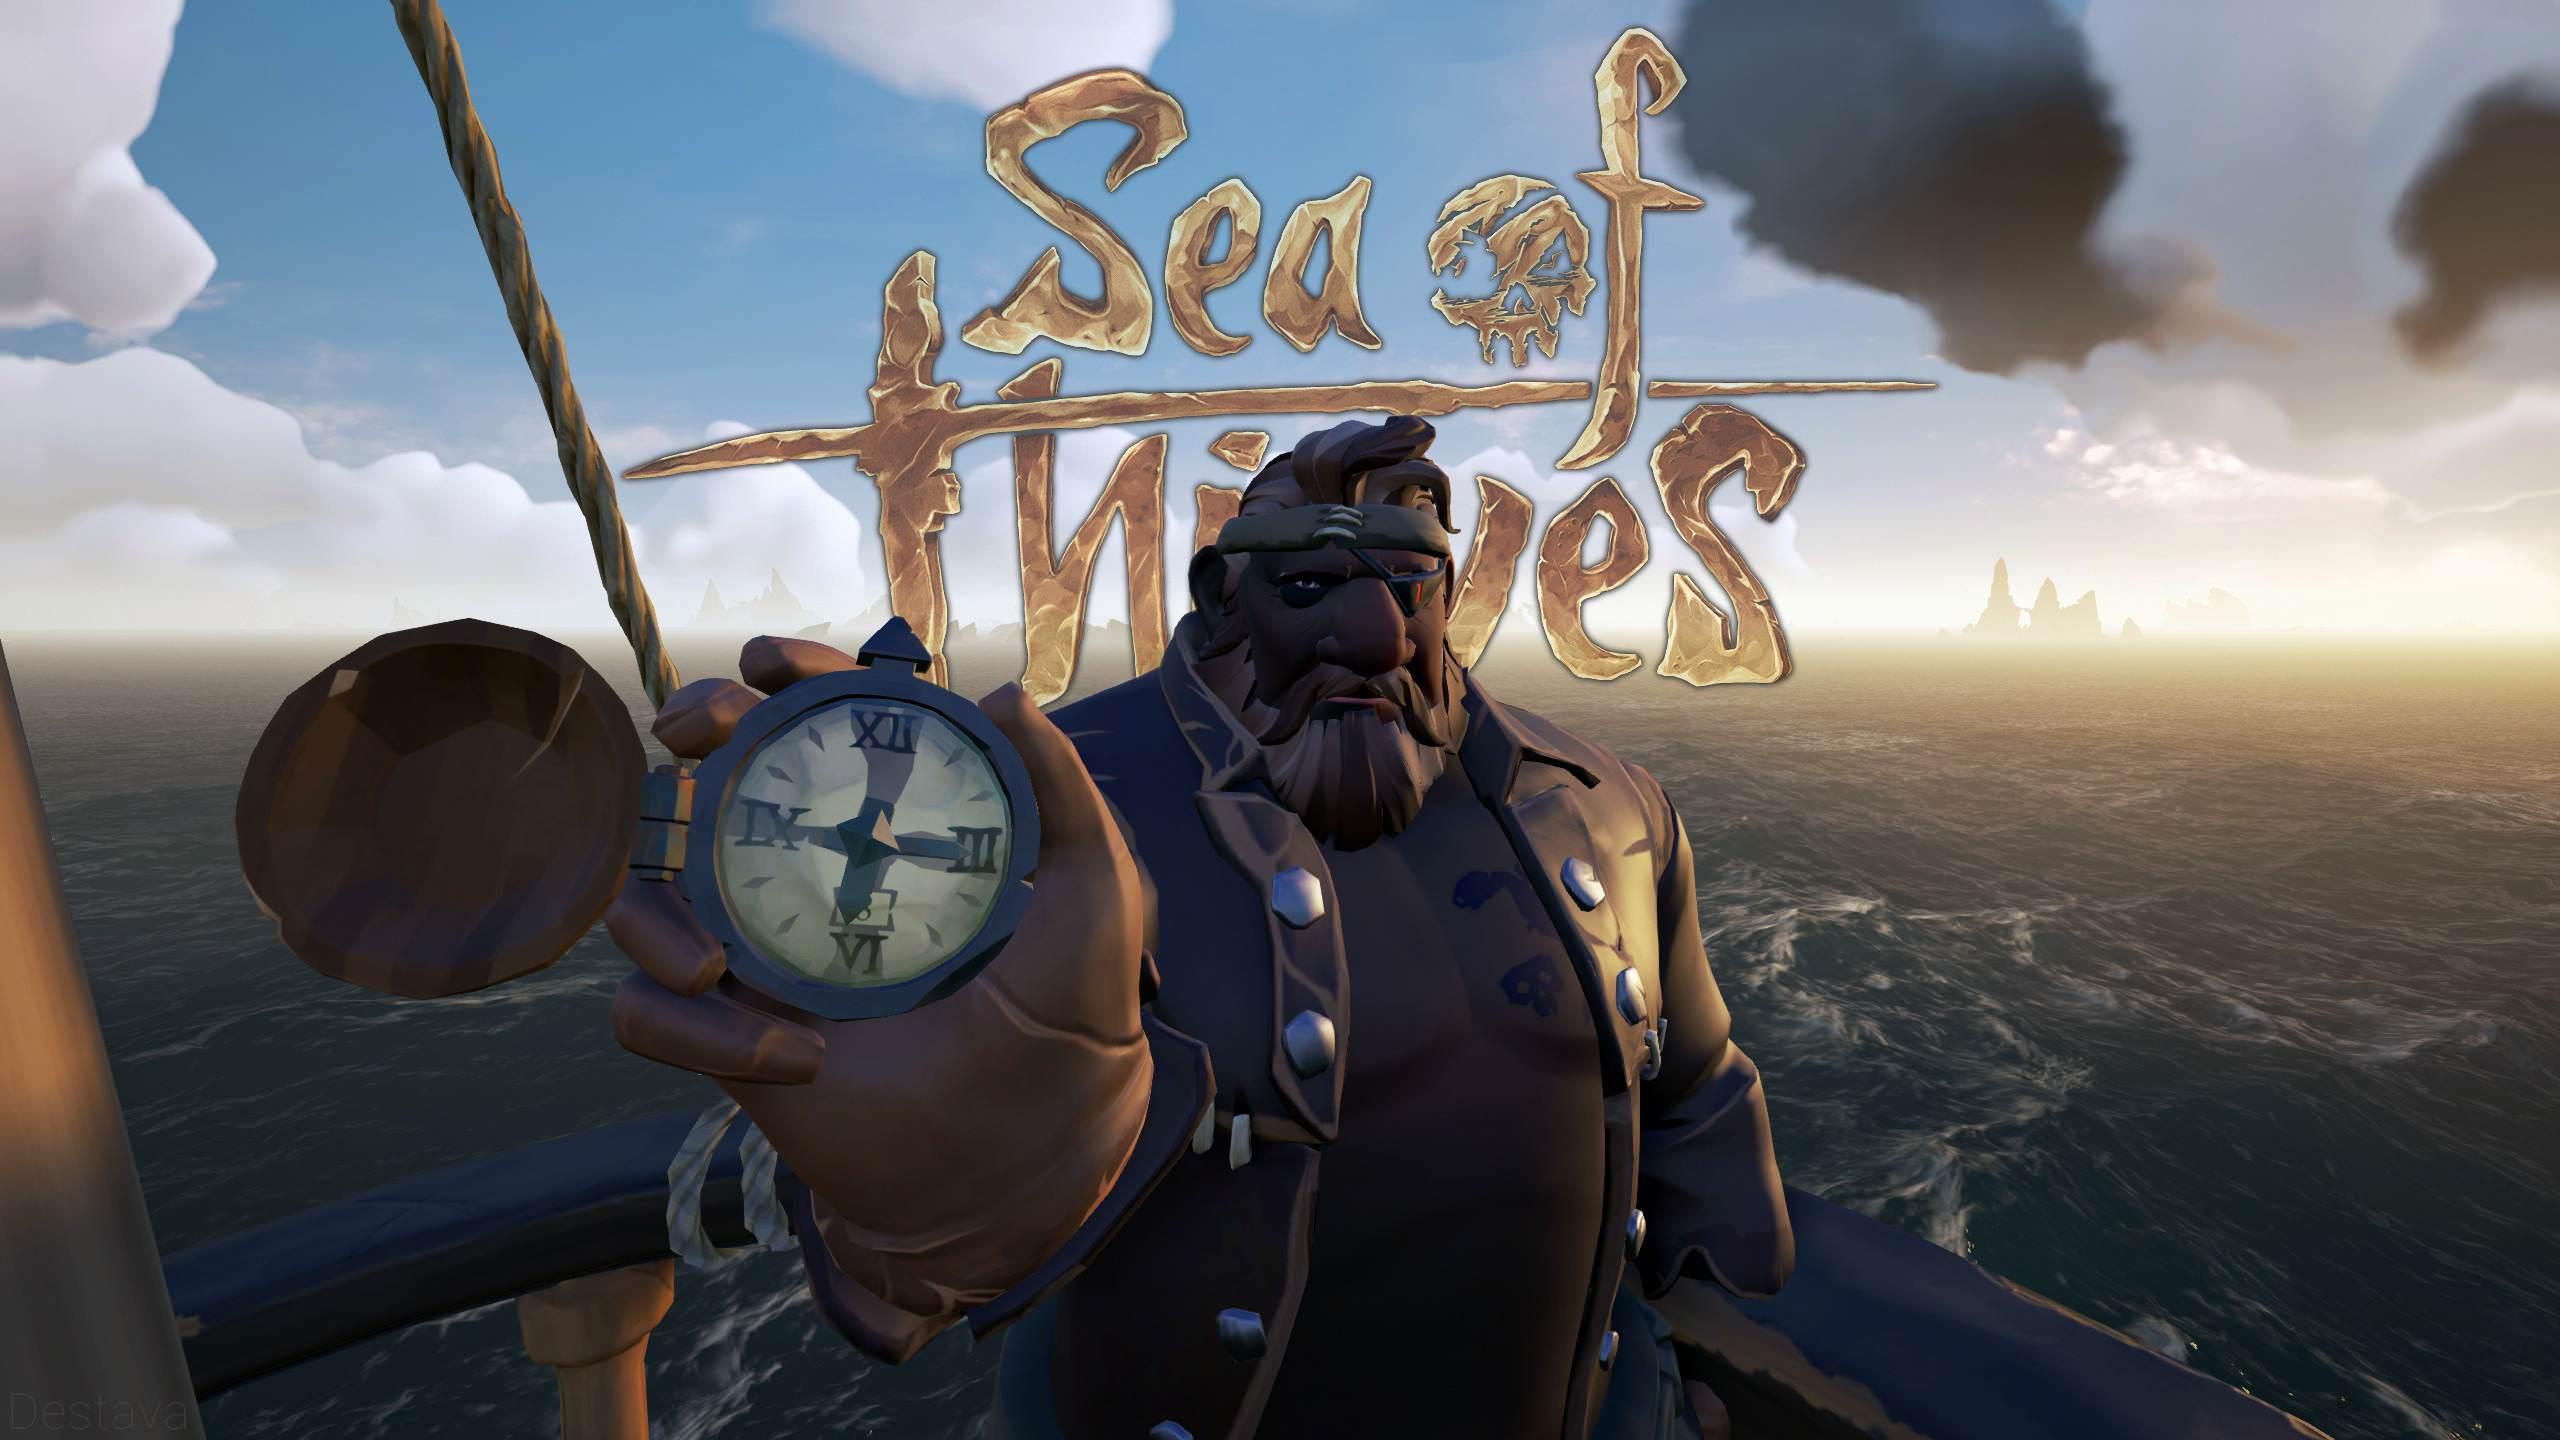 компьютерные игры, Sea of Thieves, Steam, Rare, Онлайн-игры